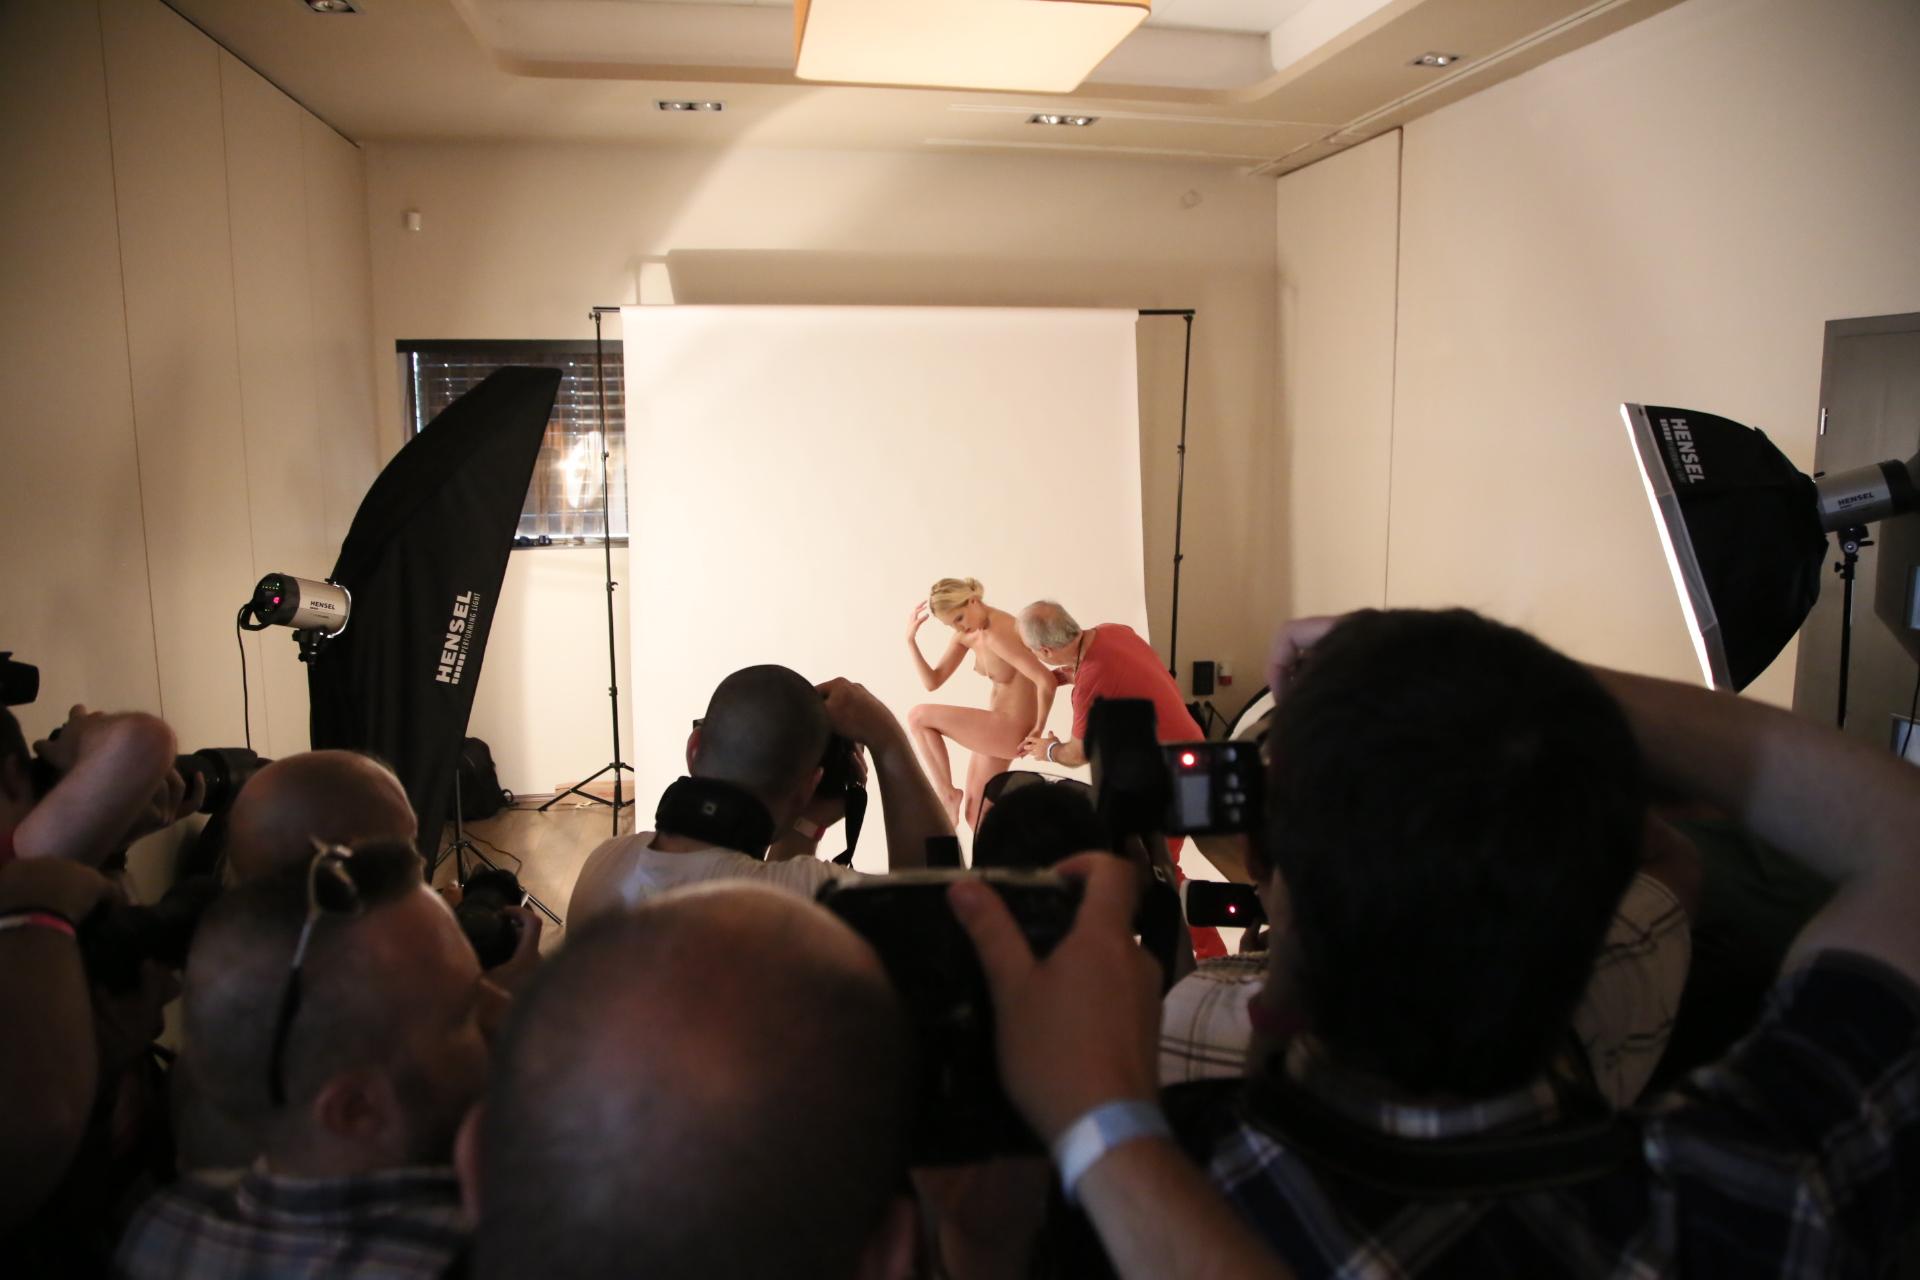 2015.06.07.-Fotófesztivál-Eifert-aktworkshop-02-PhotoPetur